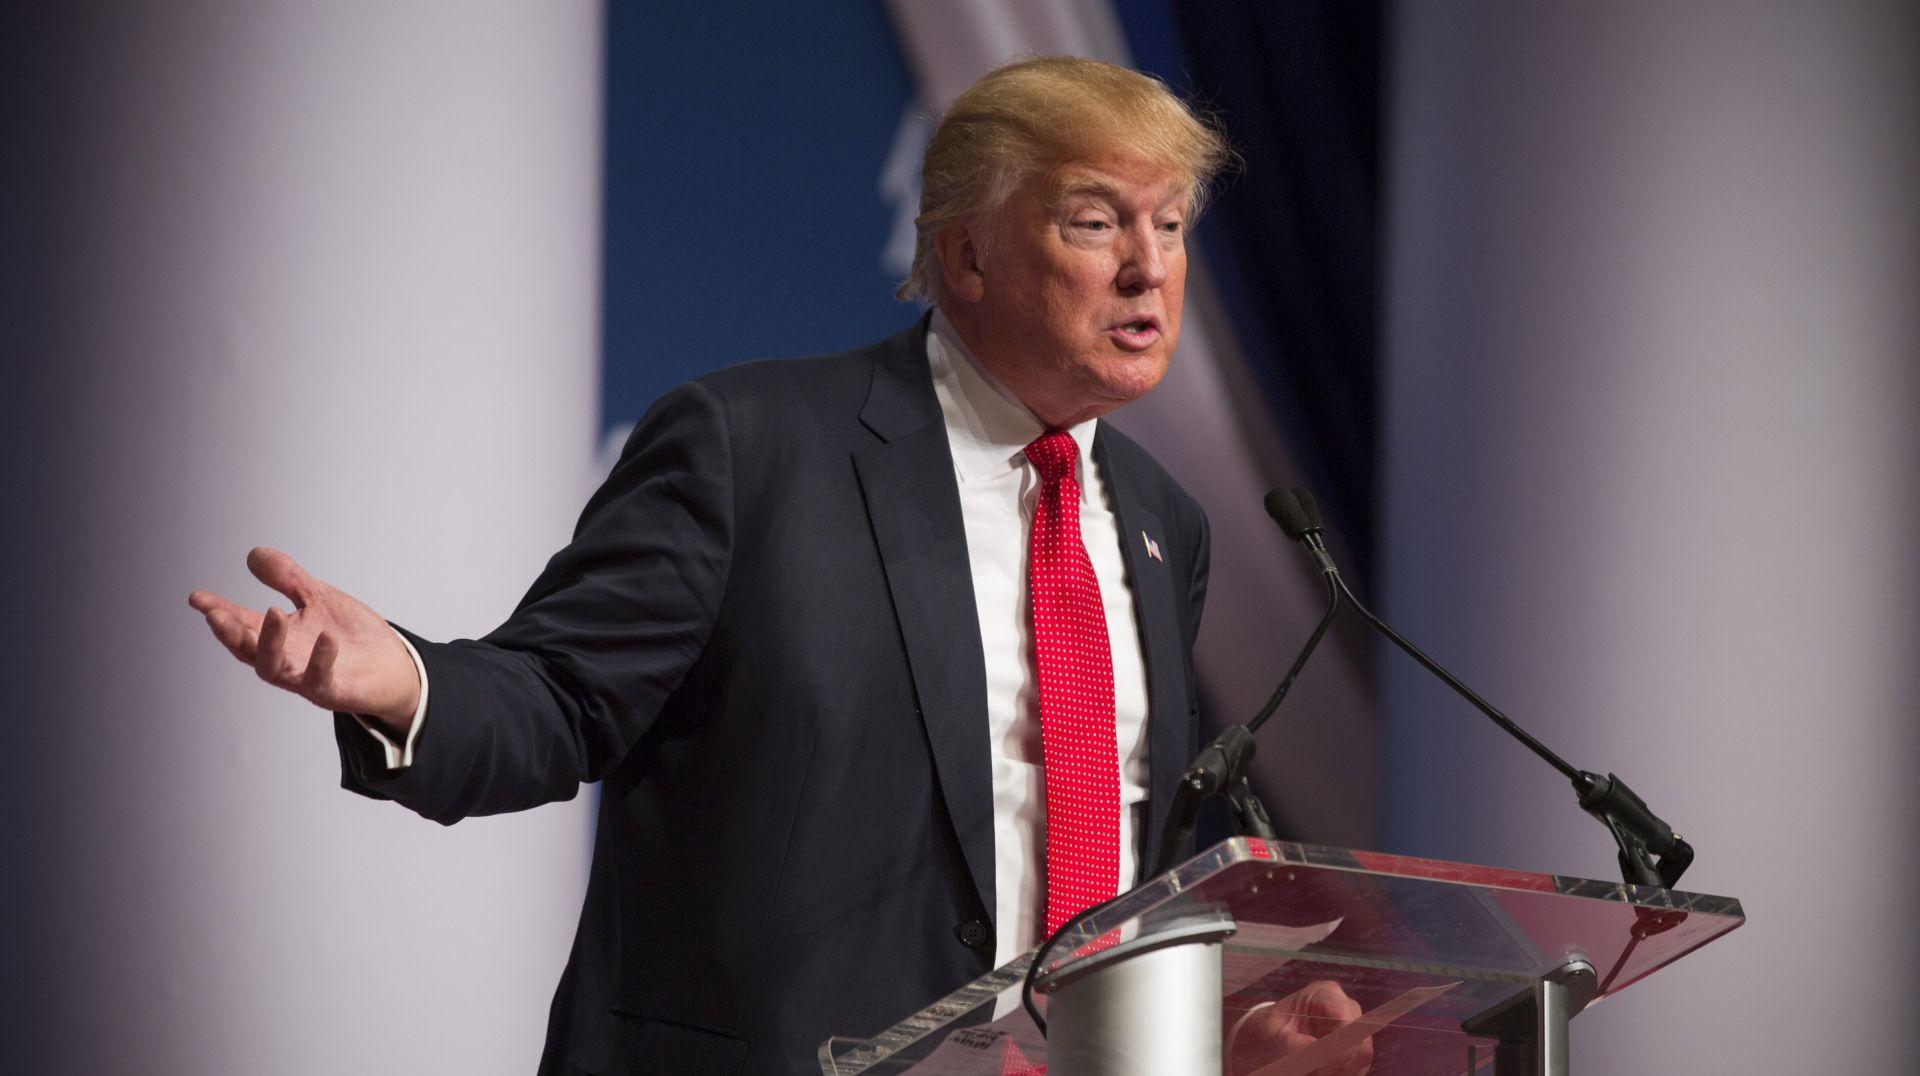 POTROŠIT ĆE MILIJUNE: Trump najavio veliku ofenzivu televizijskim reklamama